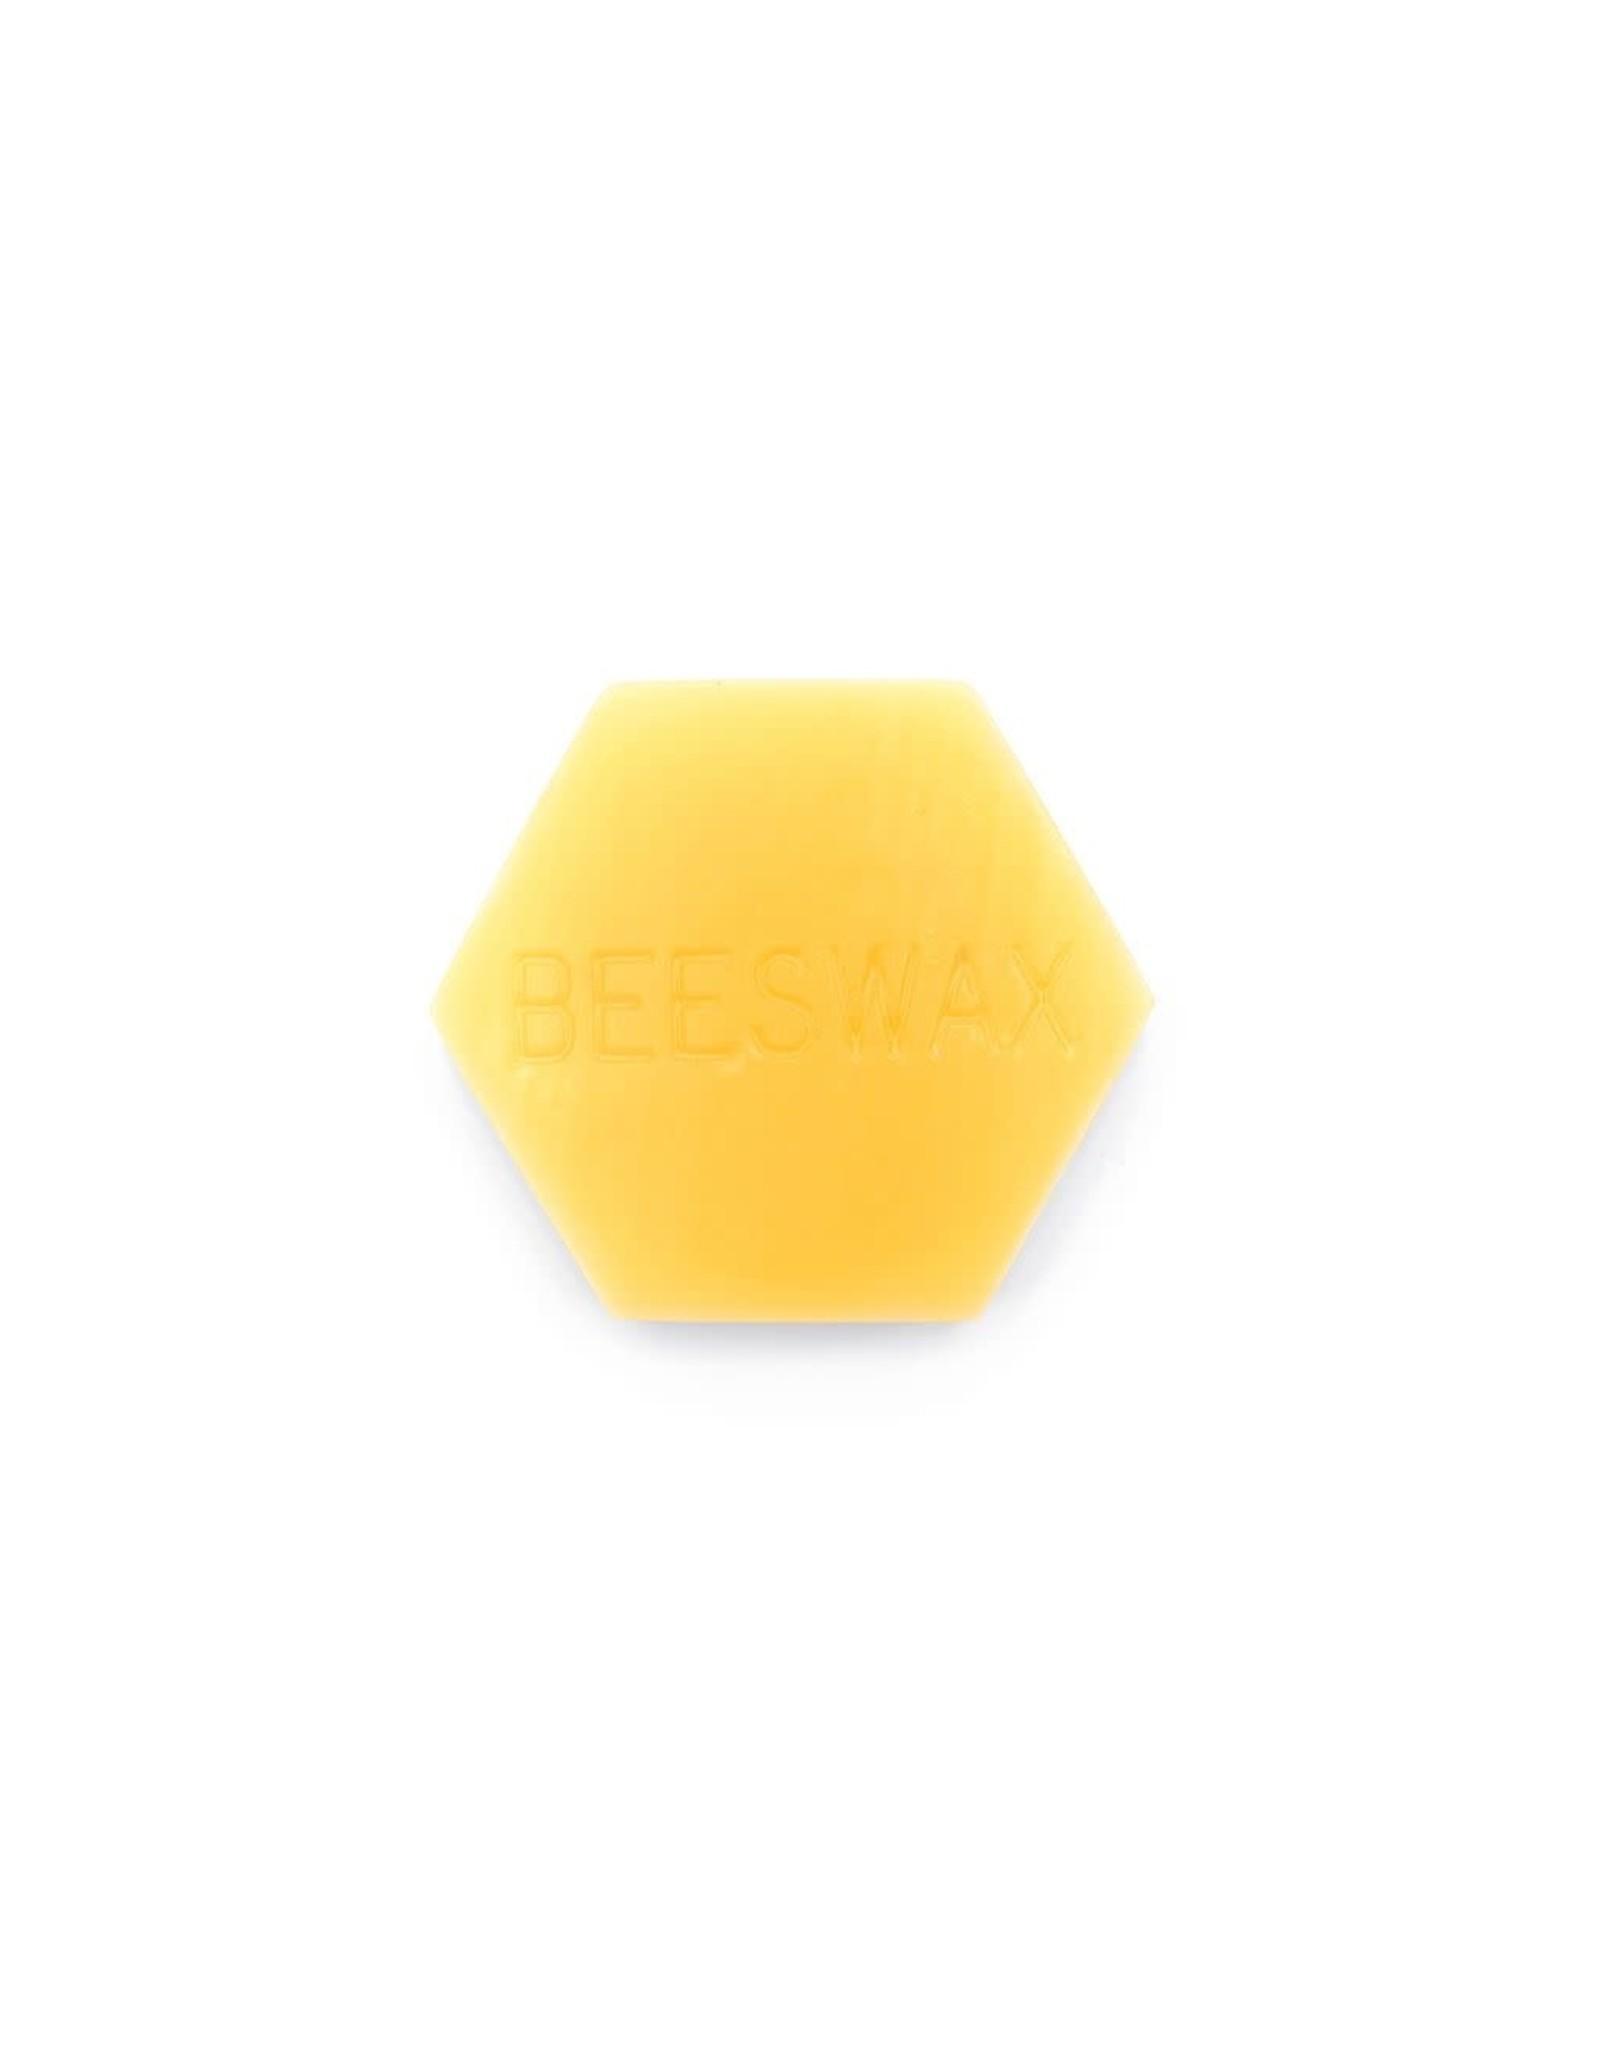 Bees Wax Works Beeswax Block